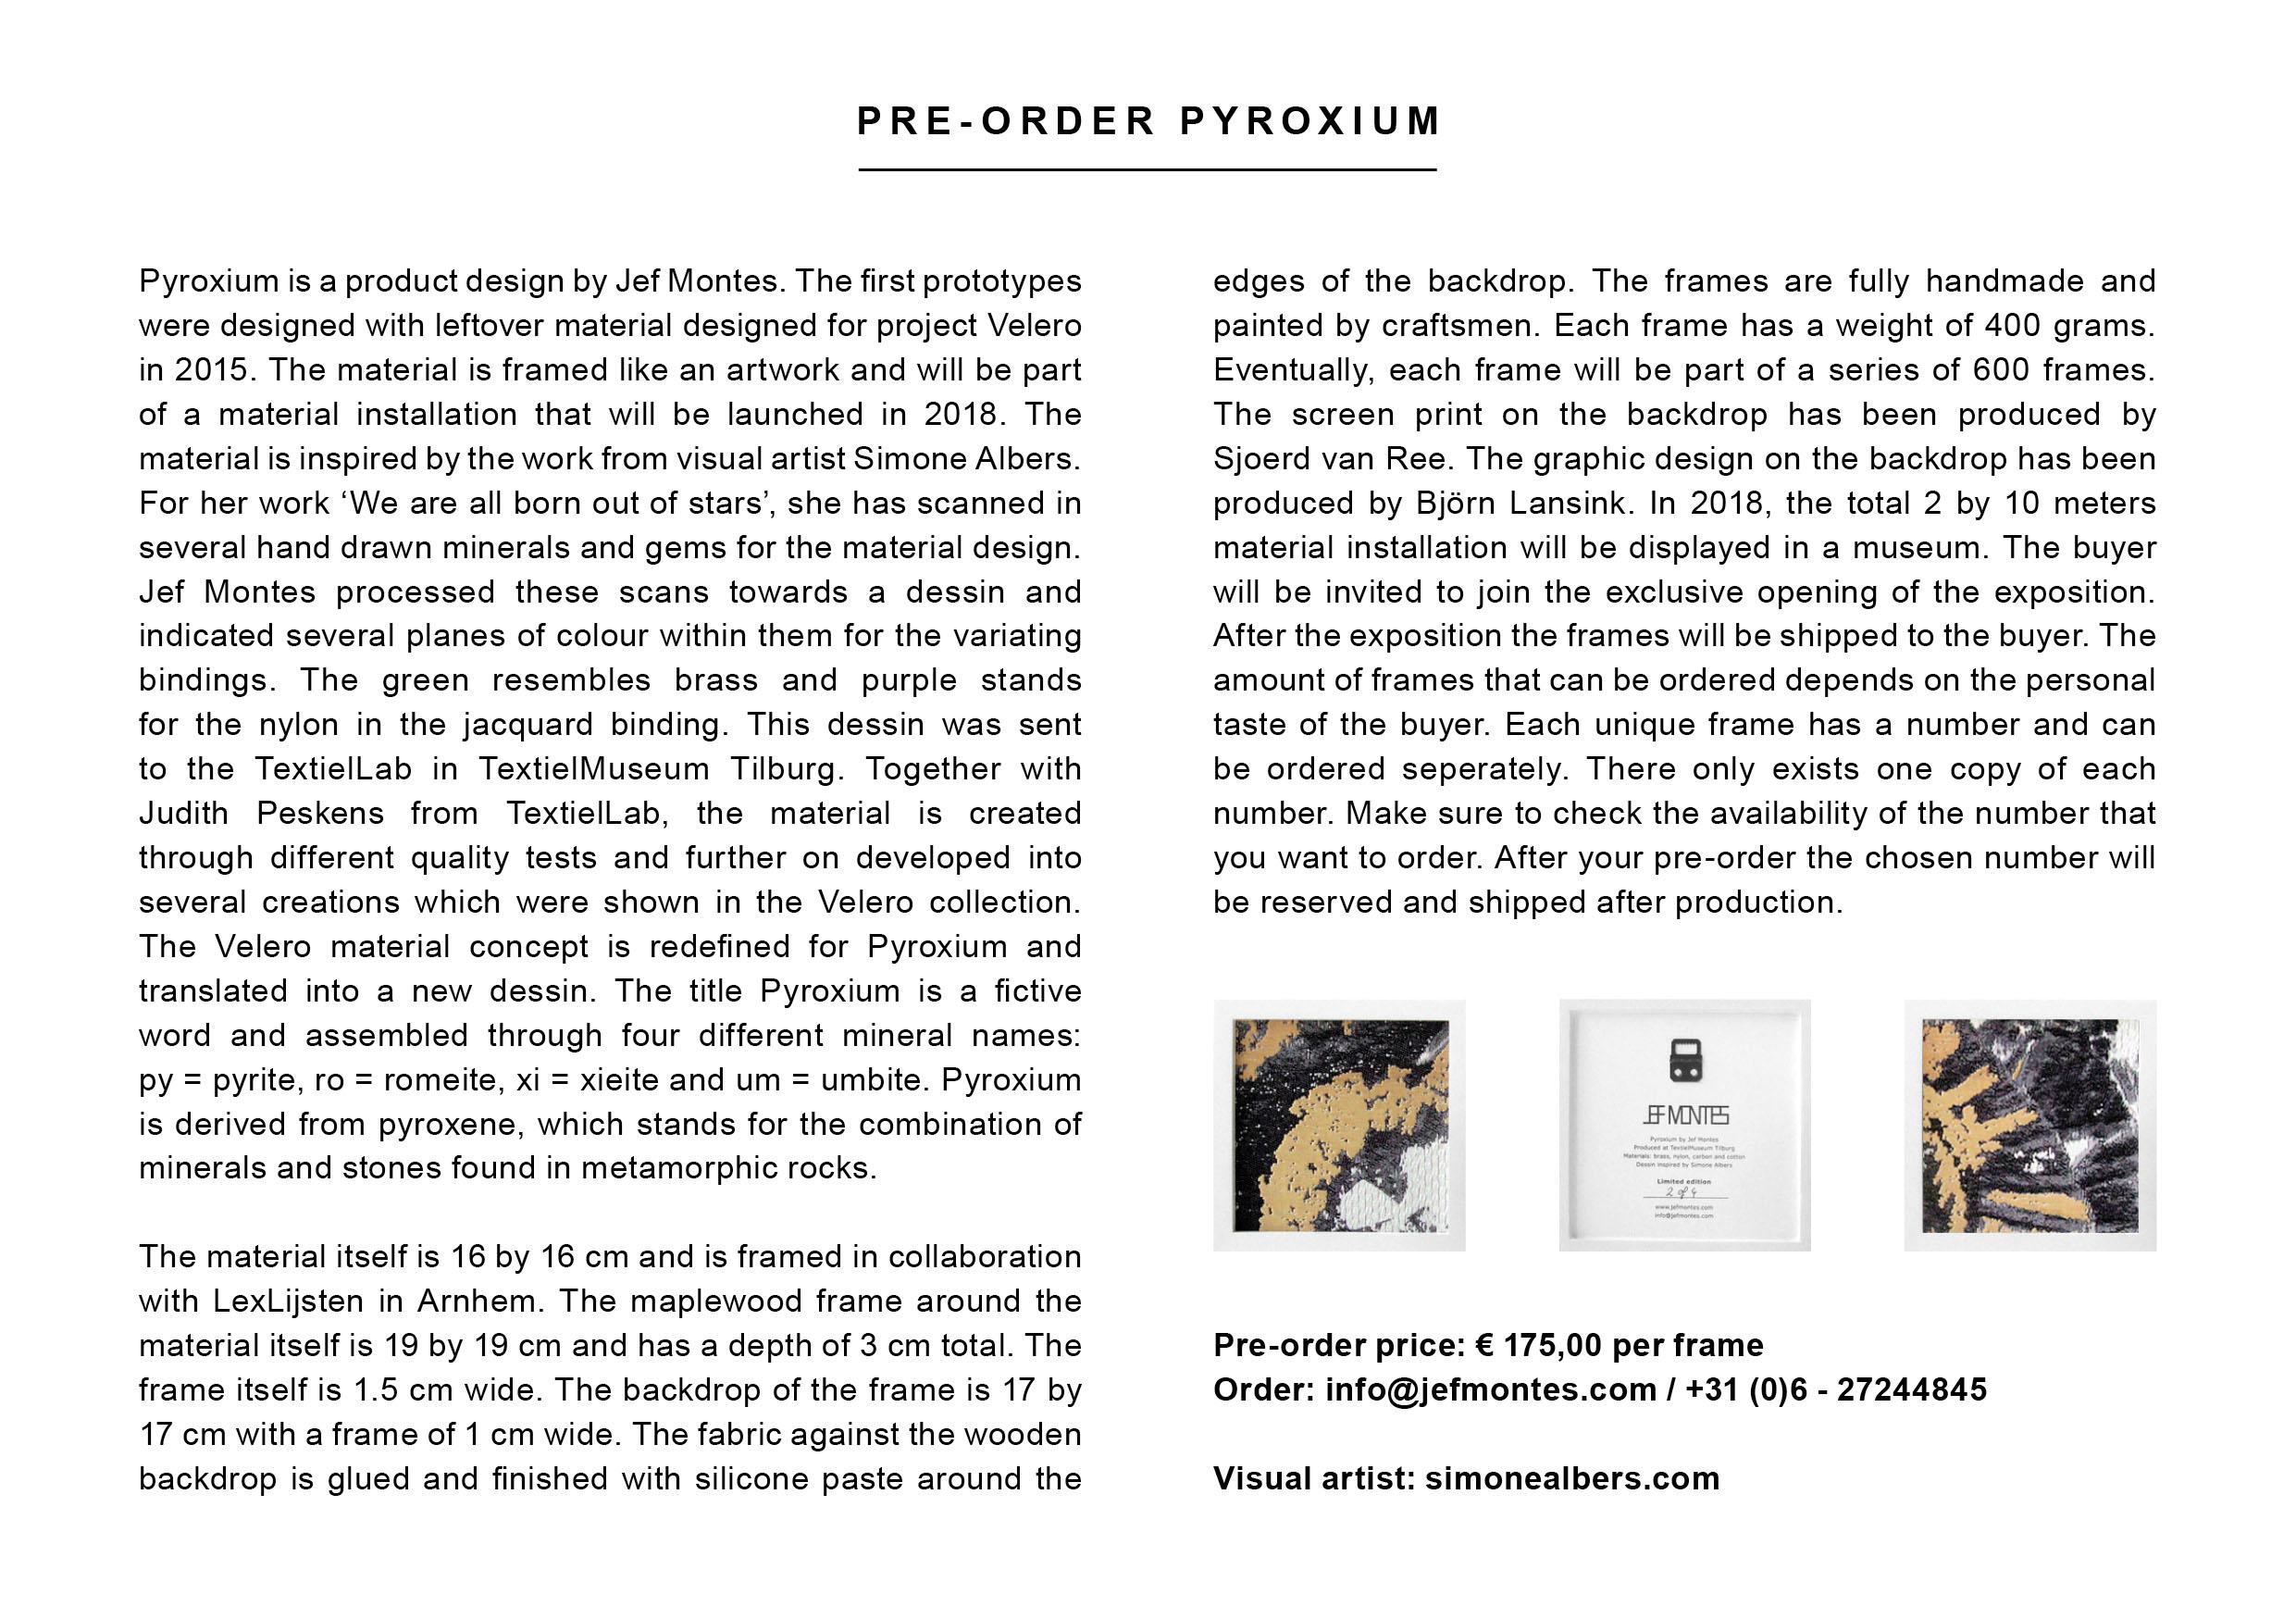 preorder_pyroxium_print_def2